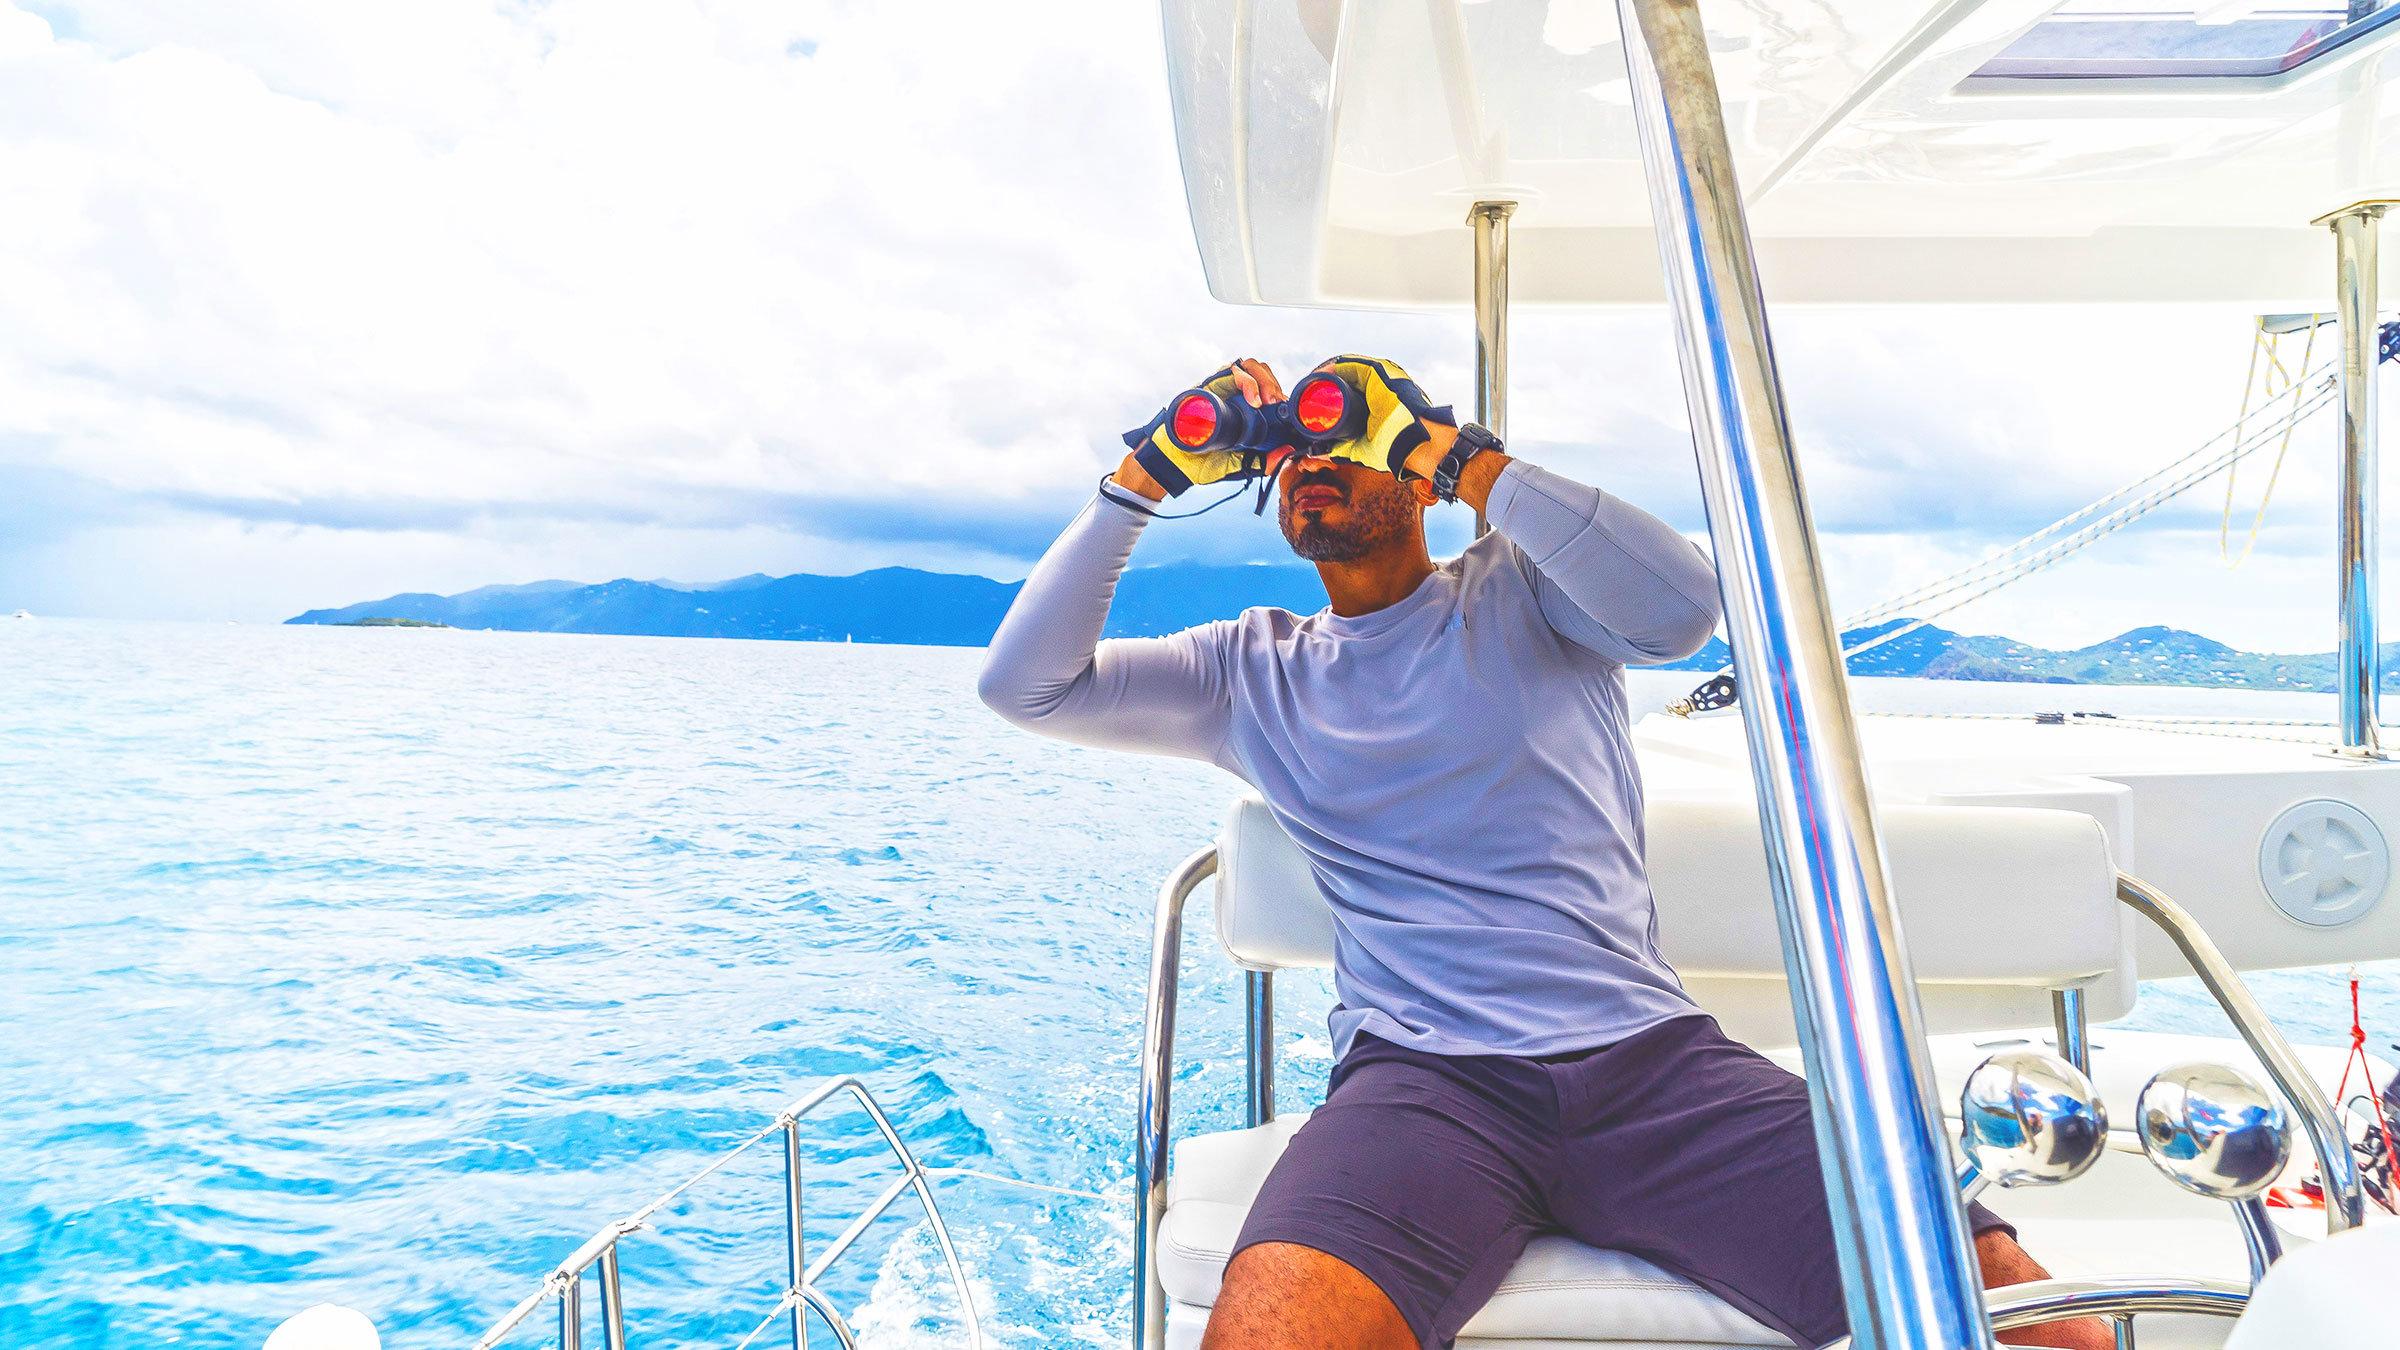 Sailor with binoculars on Sunsail catamaran